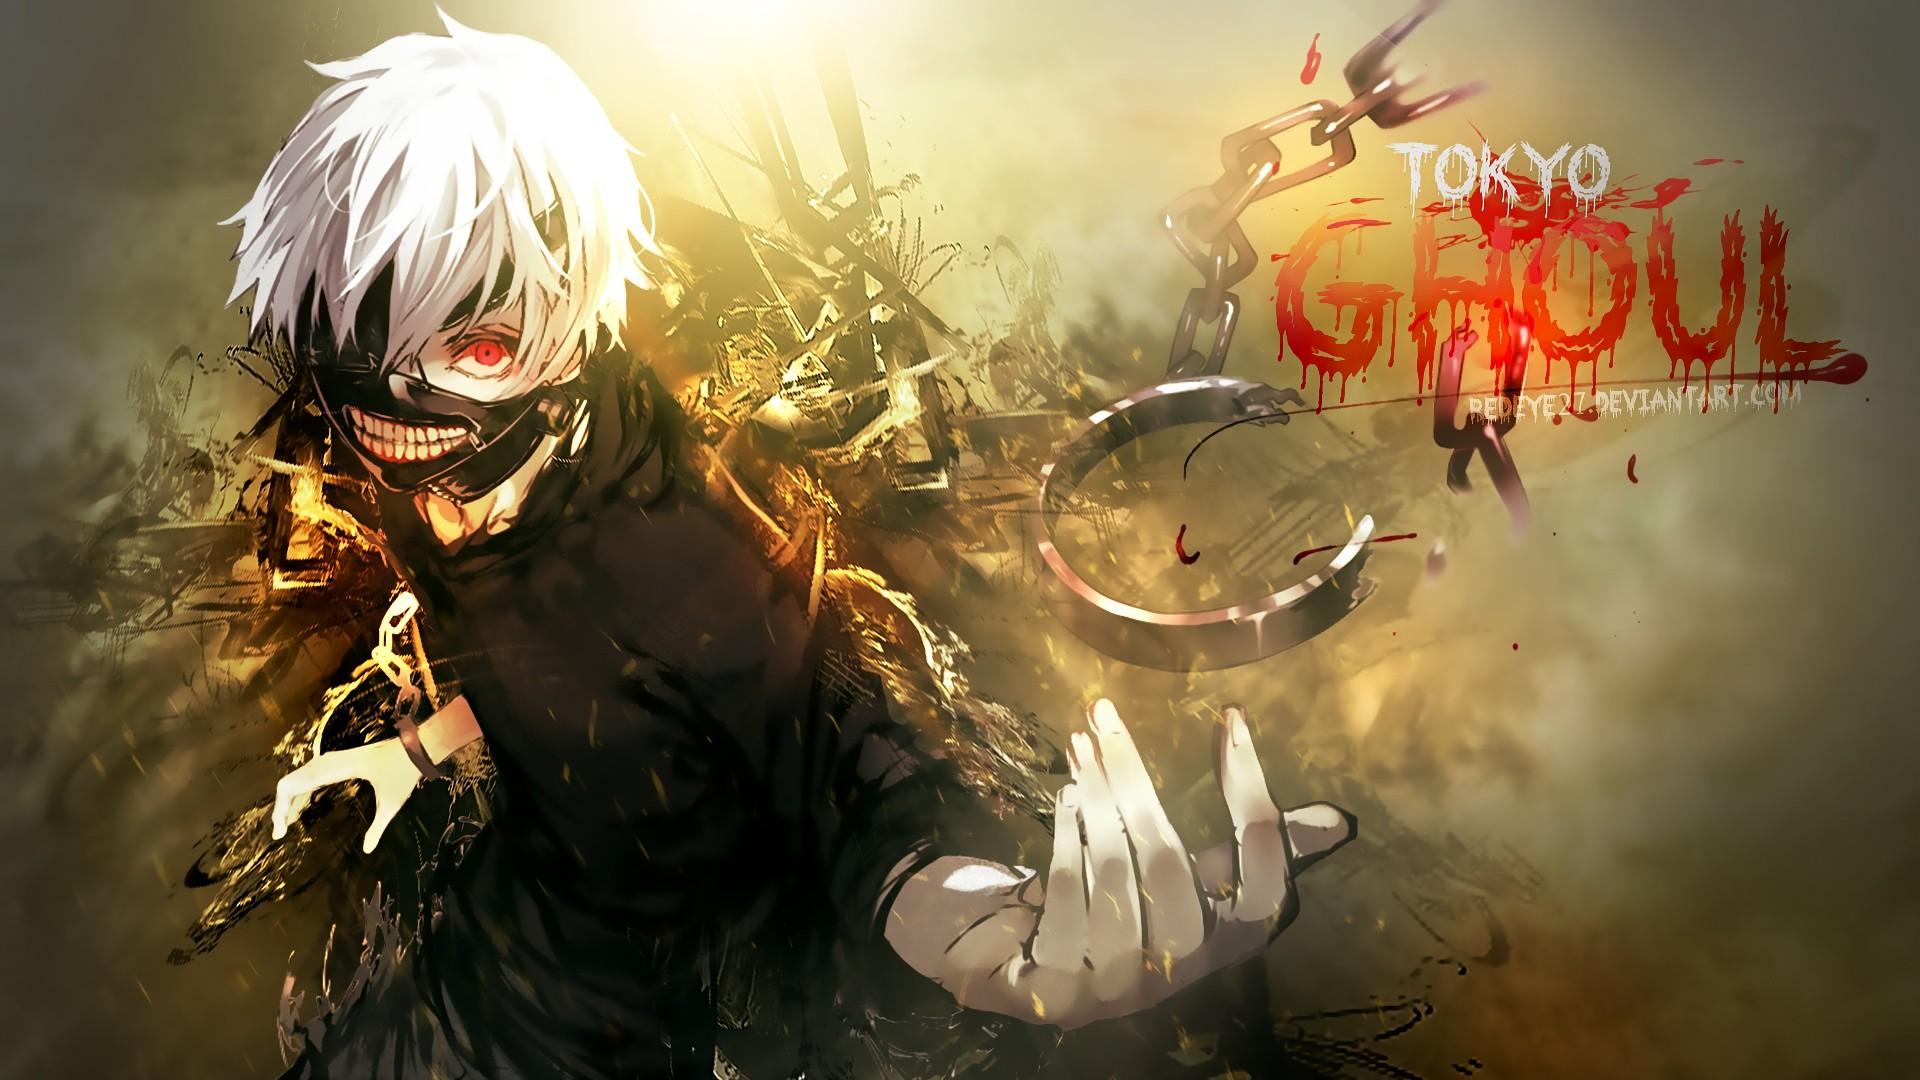 Tokyo Ghoul Hd